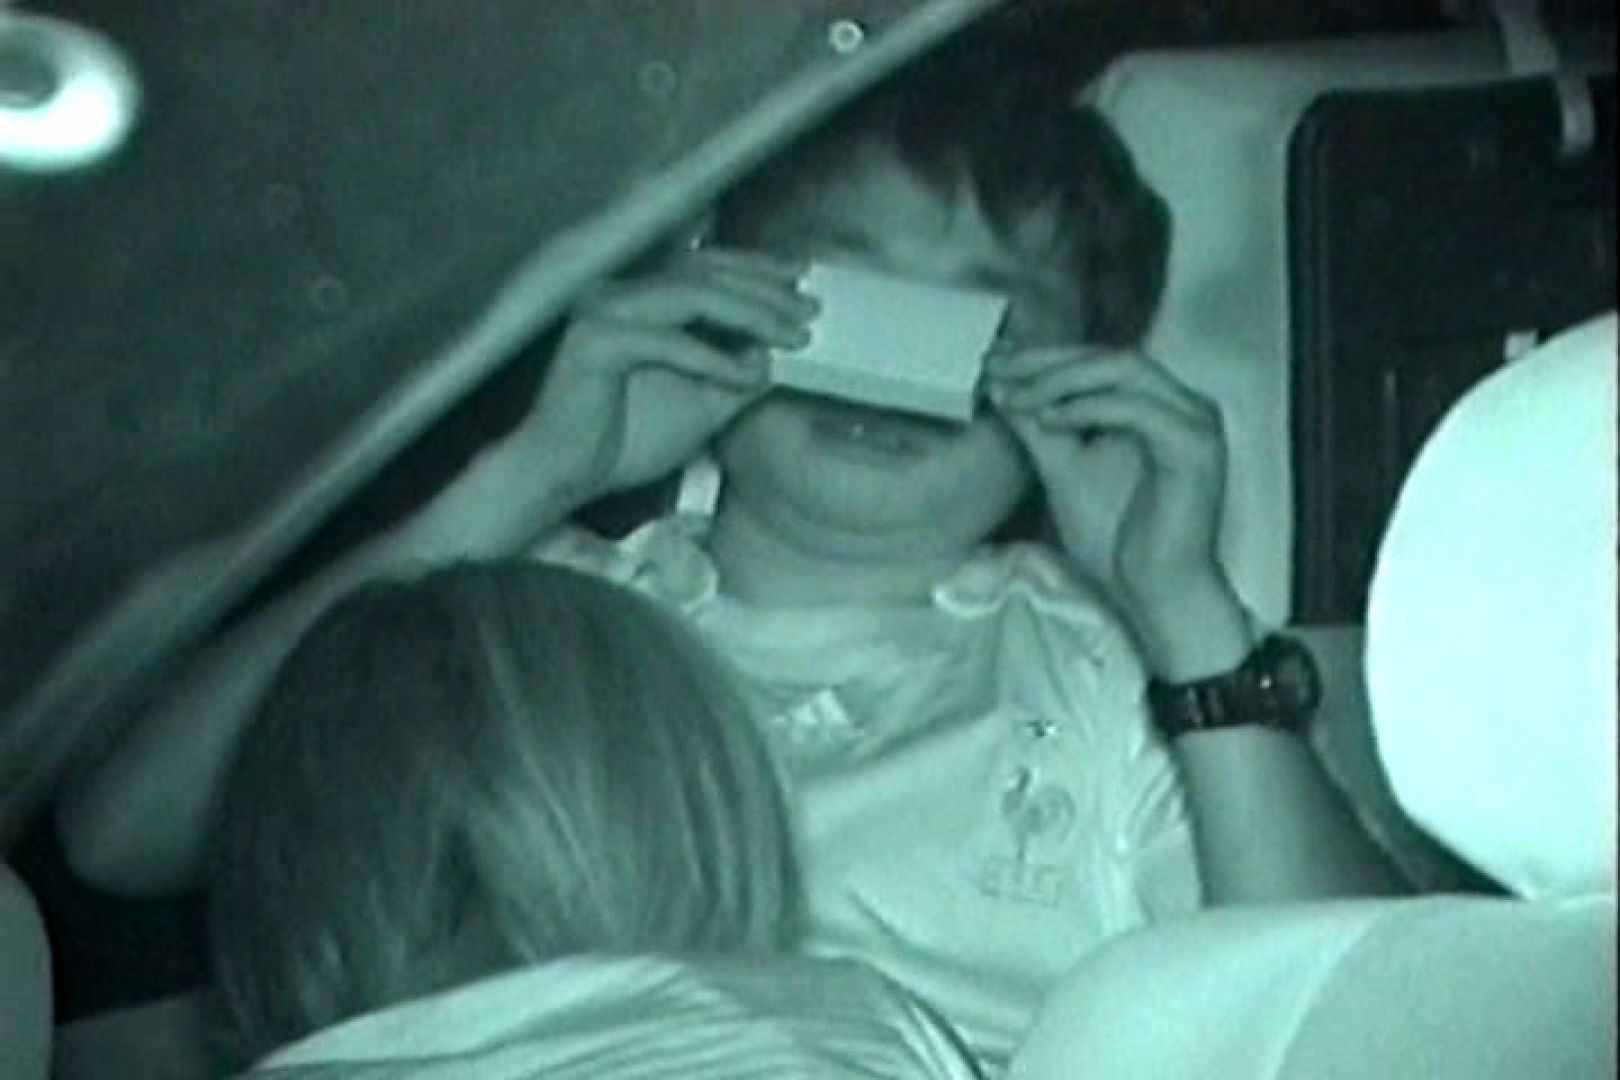 充血監督の深夜の運動会Vol.143 性欲溢れる女性達 オメコ無修正動画無料 109pic 91